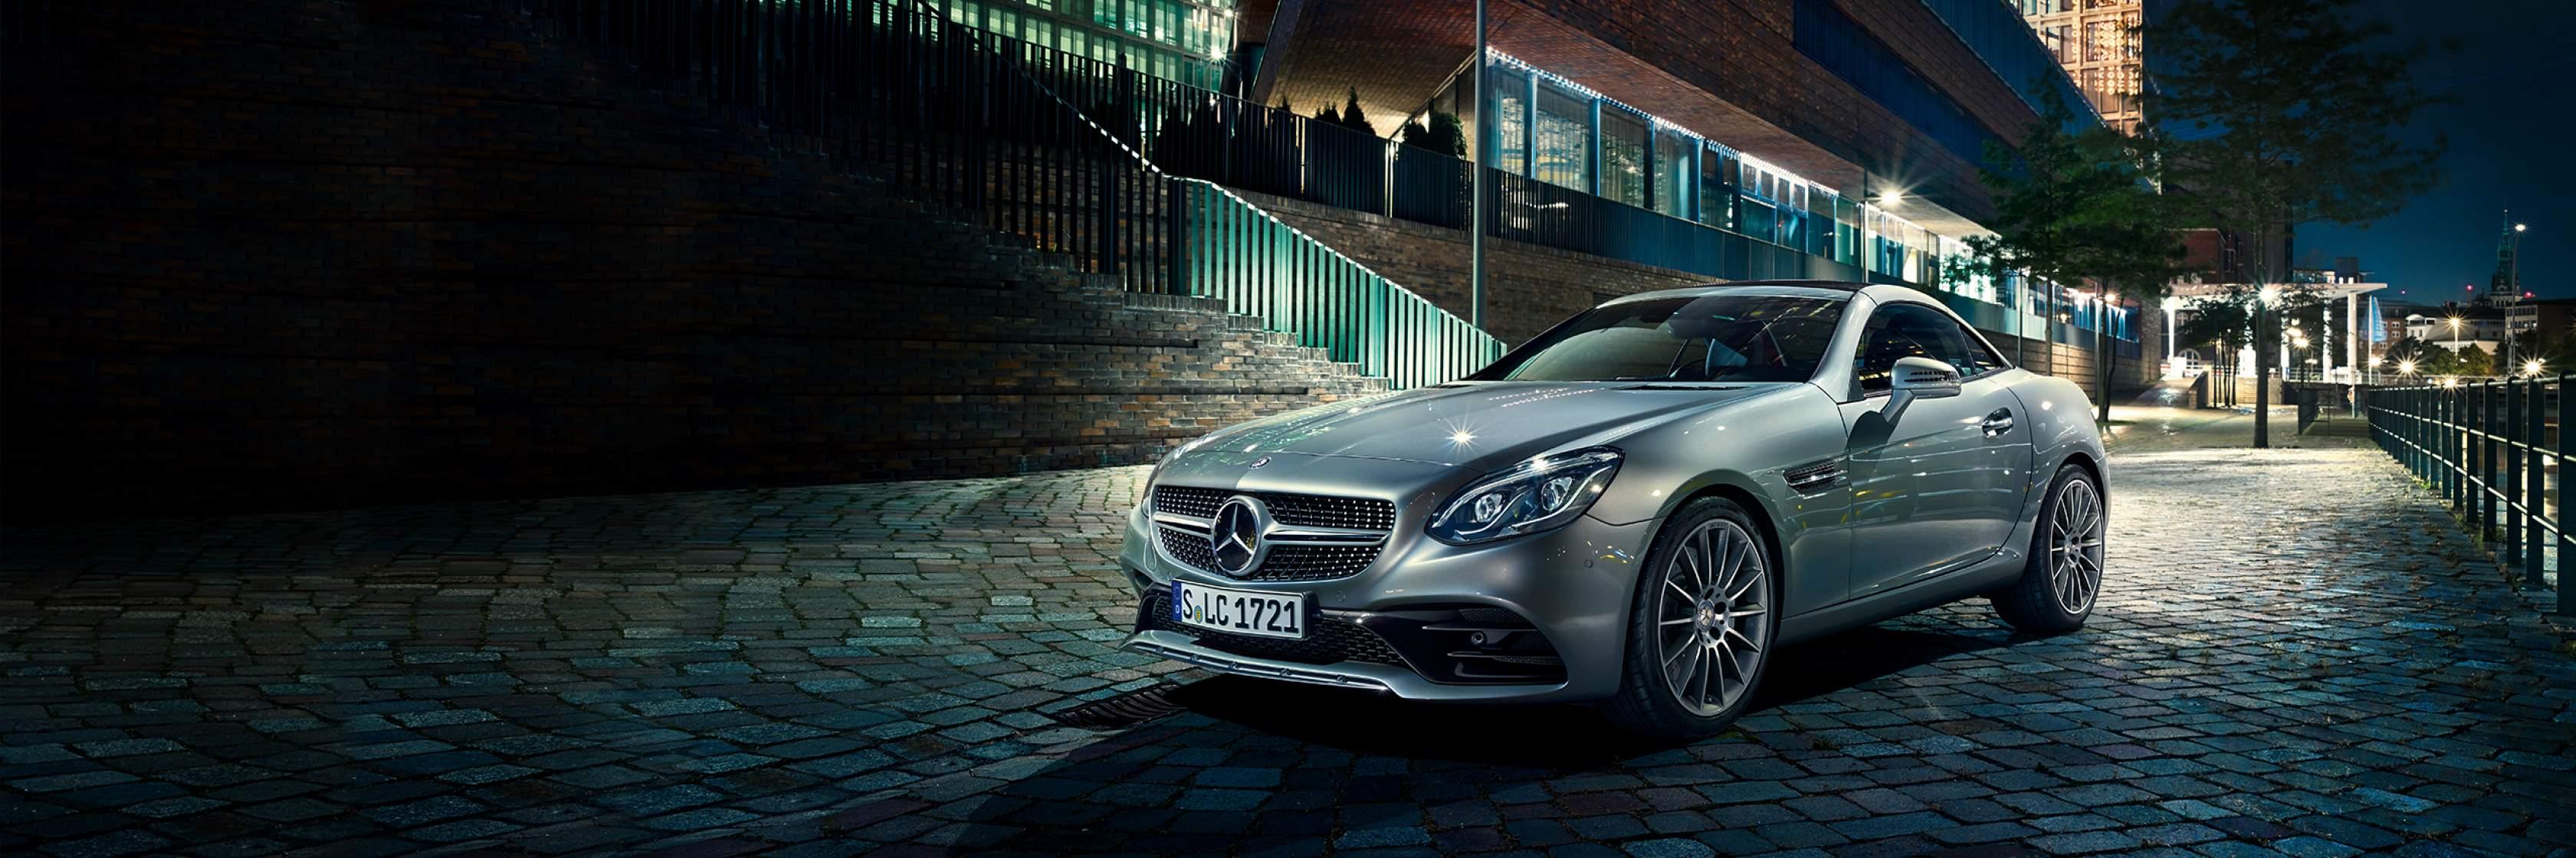 Інтер'єр та екстер'єр Mercedes–Benz SLC Roadster